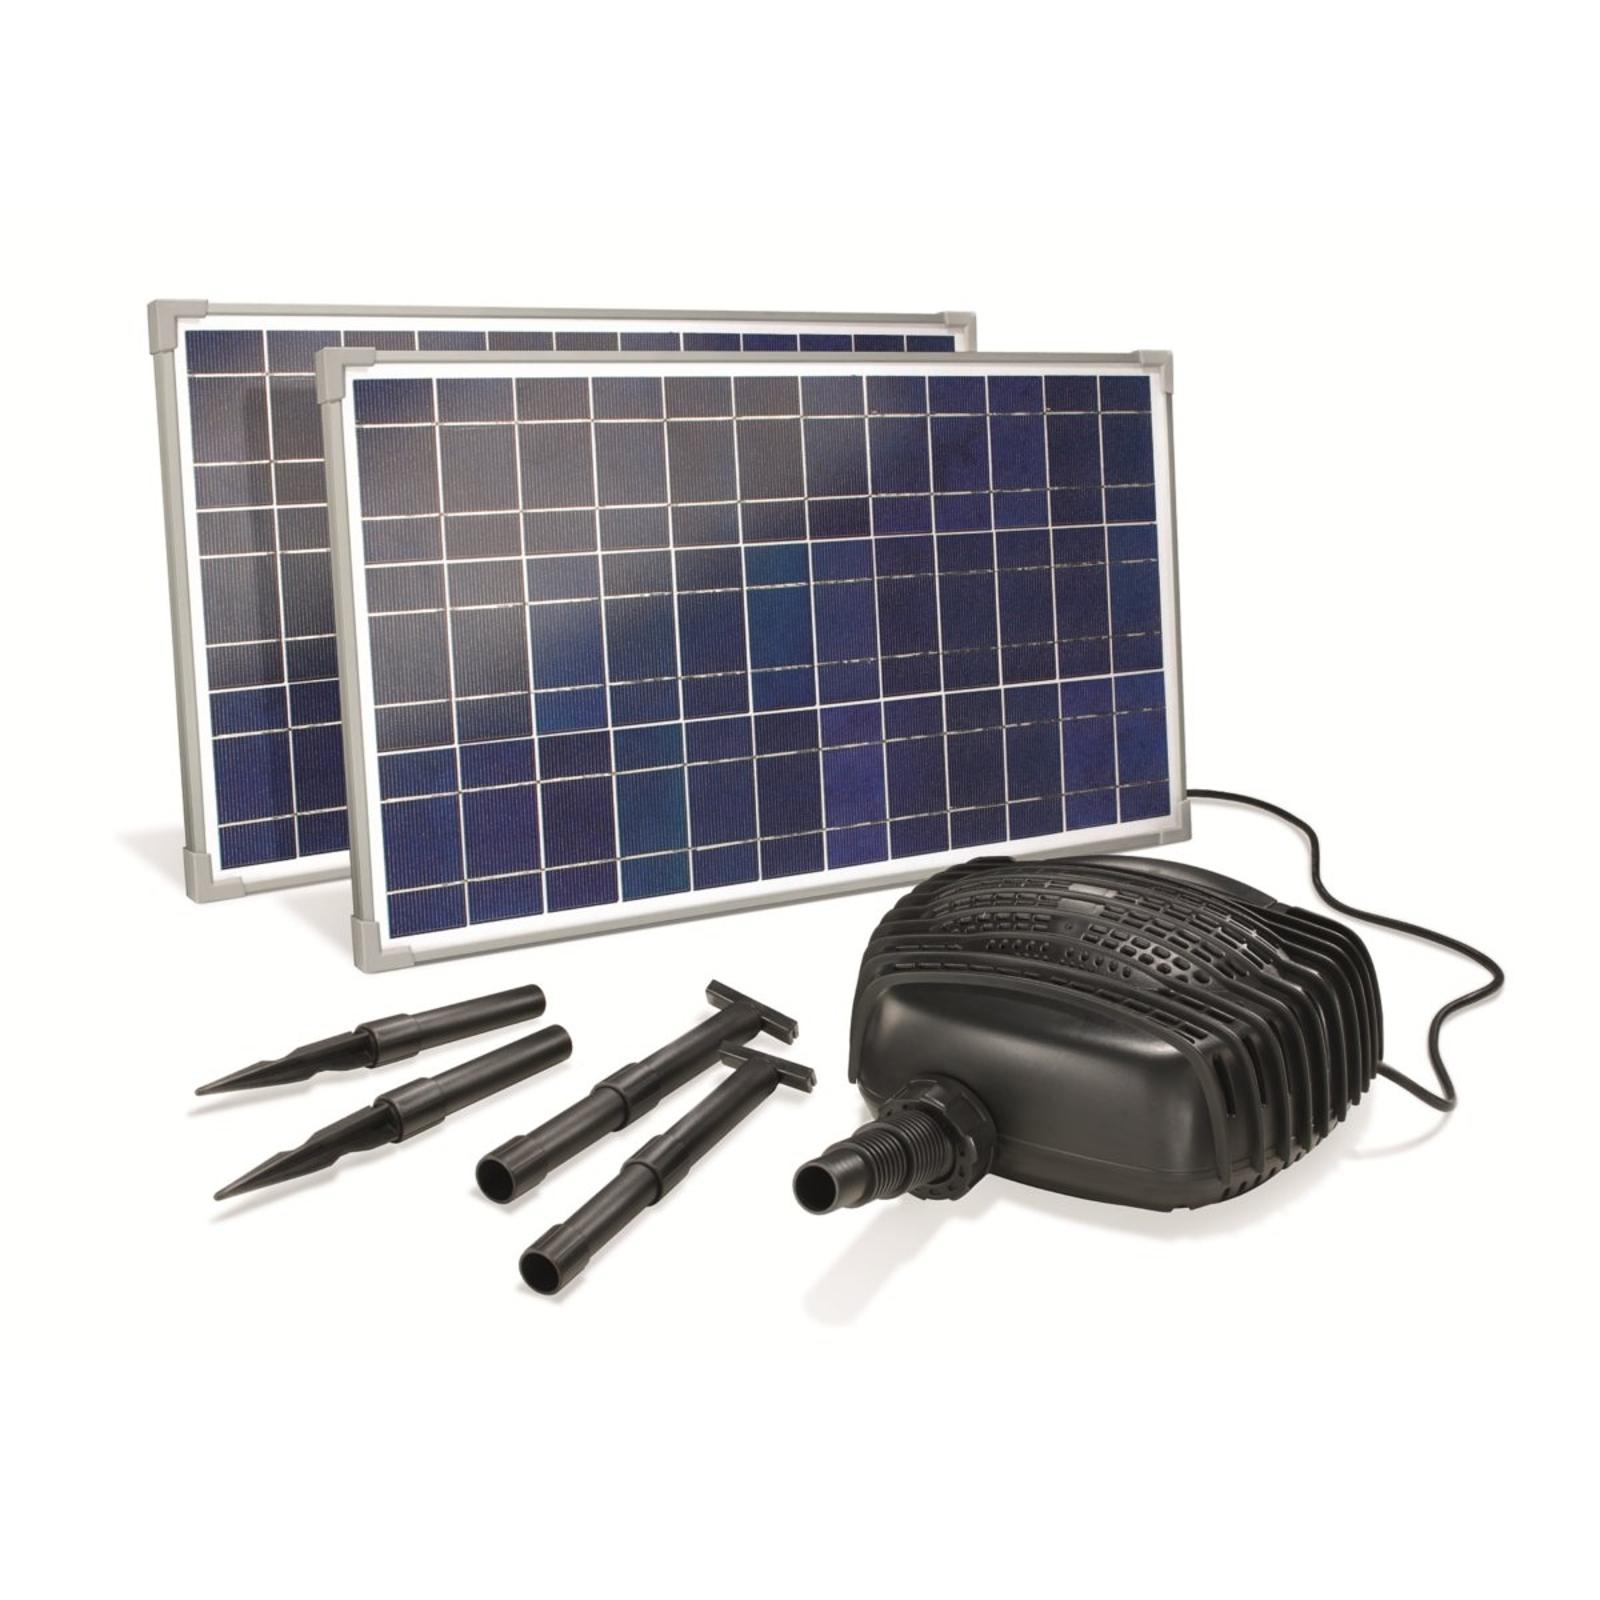 Solarna pompa do oczek wodnych Adria